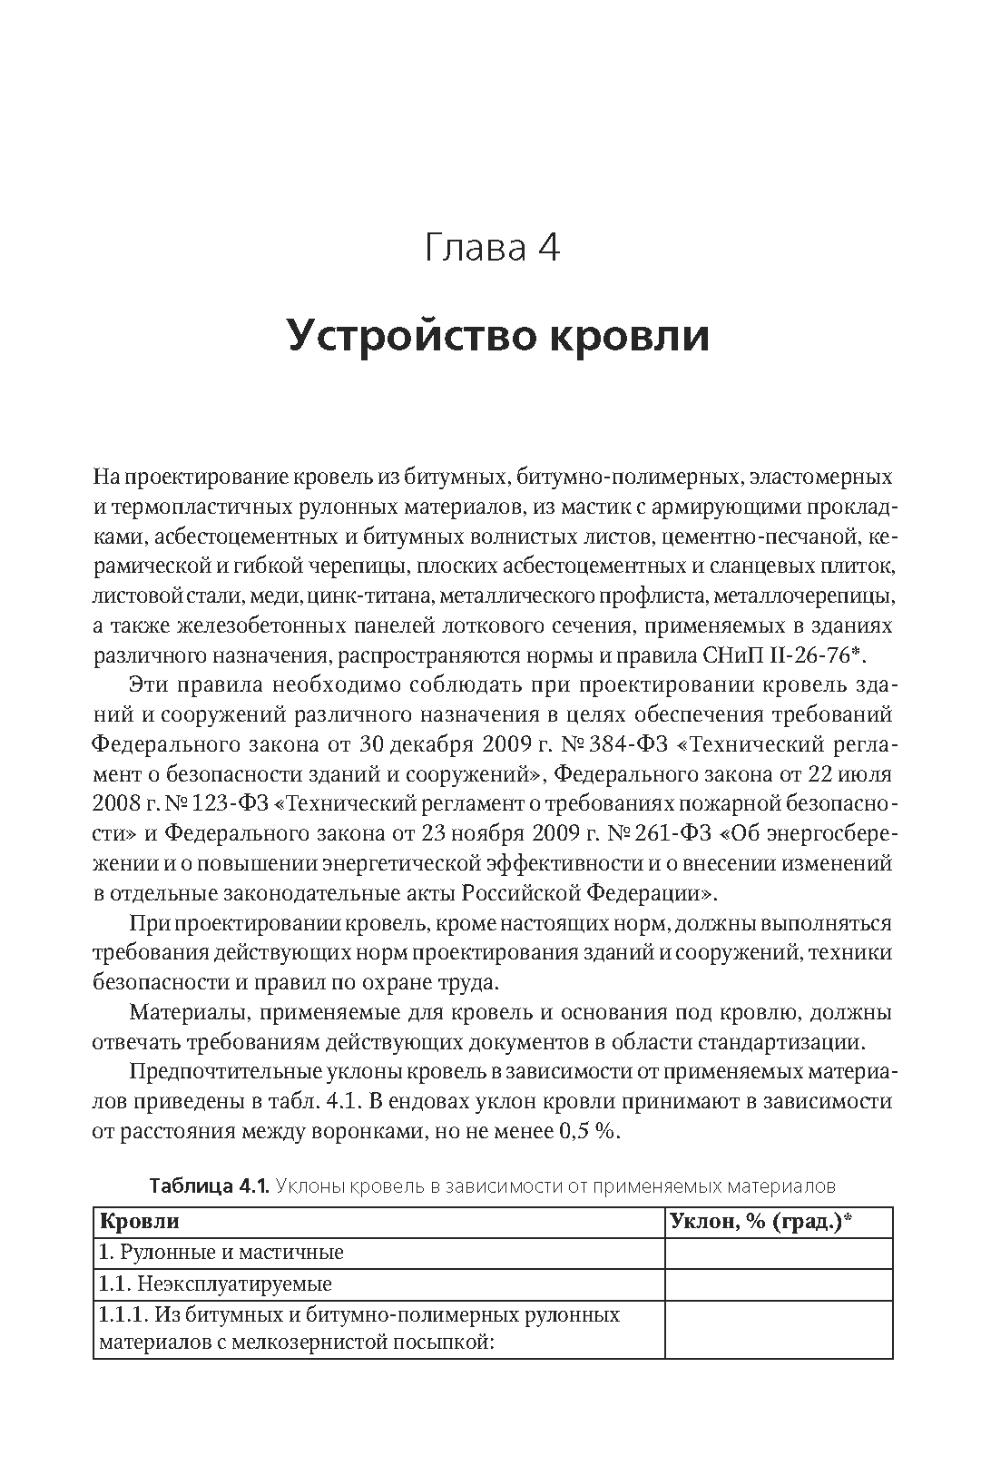 http://i6.imageban.ru/out/2013/11/04/377c8ef8de260dda7a64684211eebc28.jpg